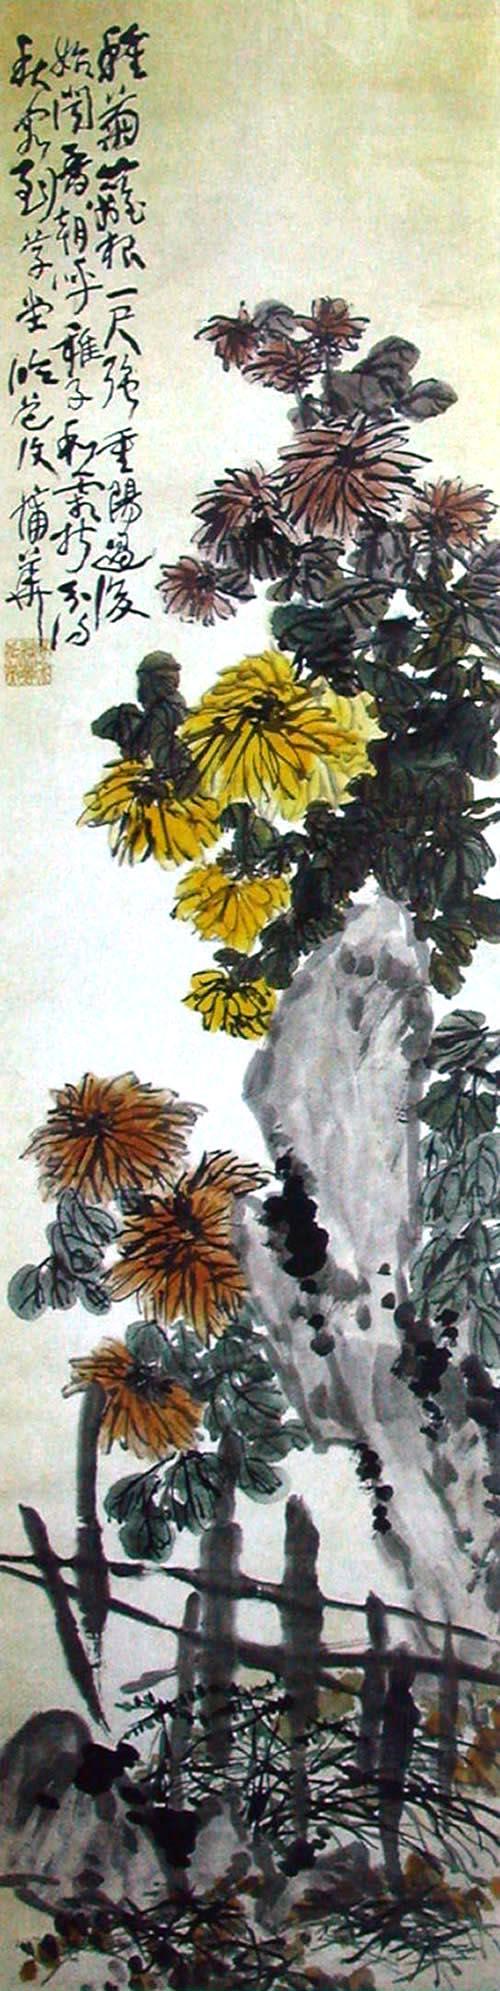 Хризантемы. Художник Пу Хуа. 1903 г. Фото с secretchina.com